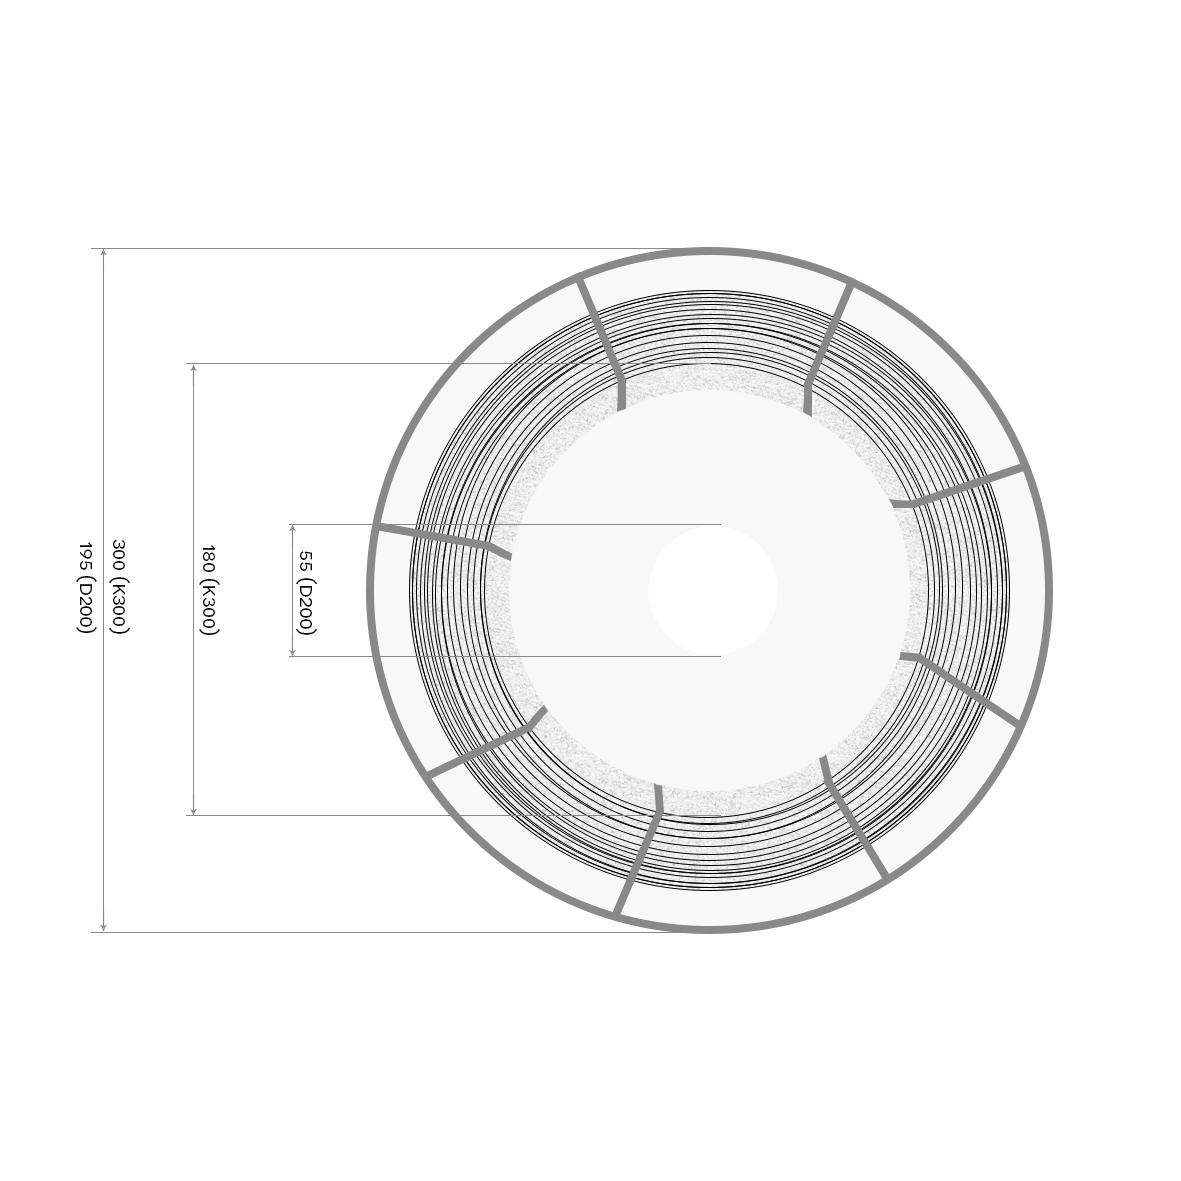 SUDOROSI® type CO2 welding wire – Cotraco Rom